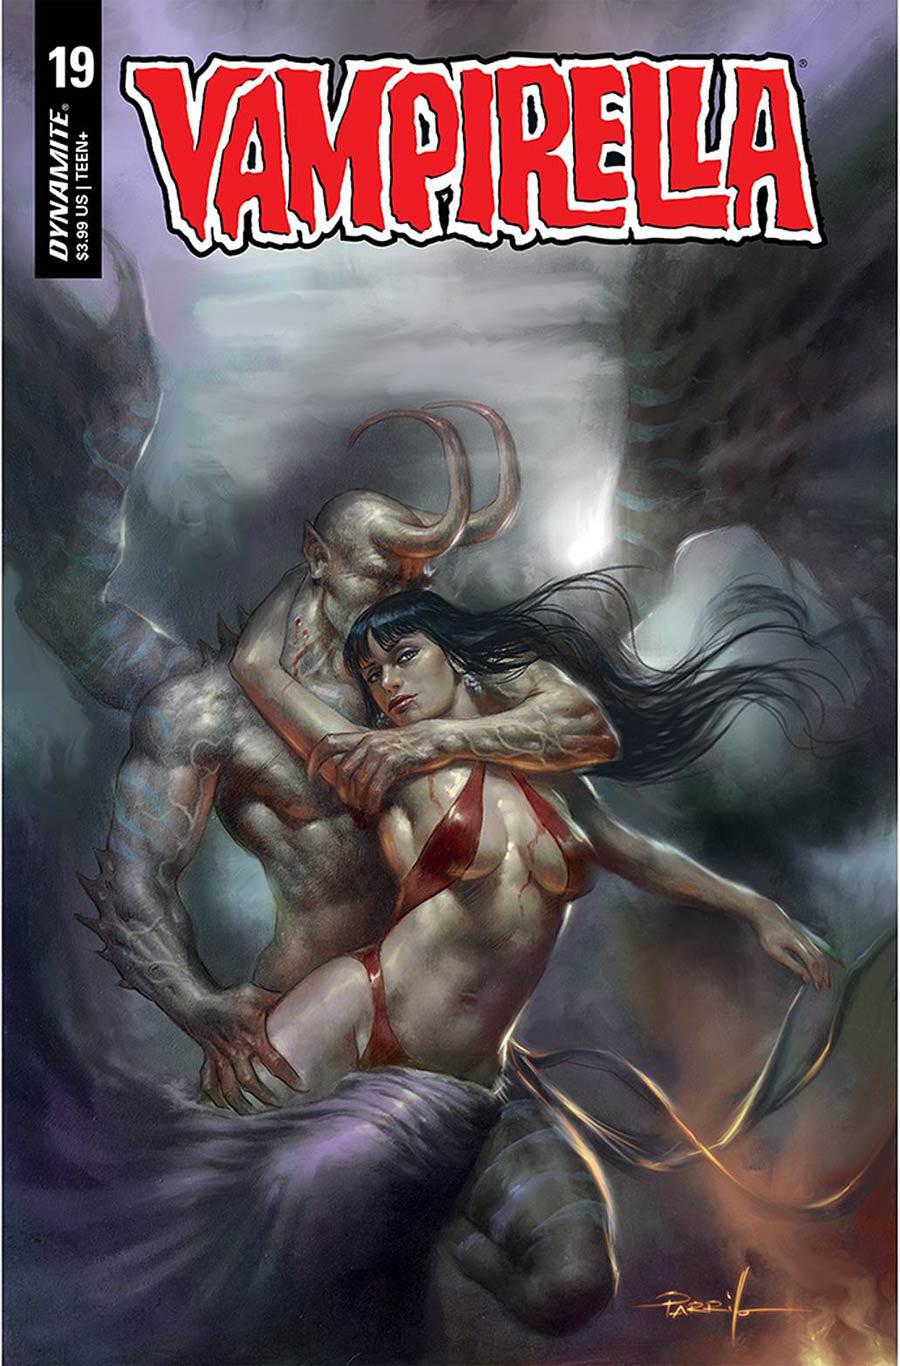 Vampirella Vol 8 #19 Cover A Regular Lucio Parrillo Cover